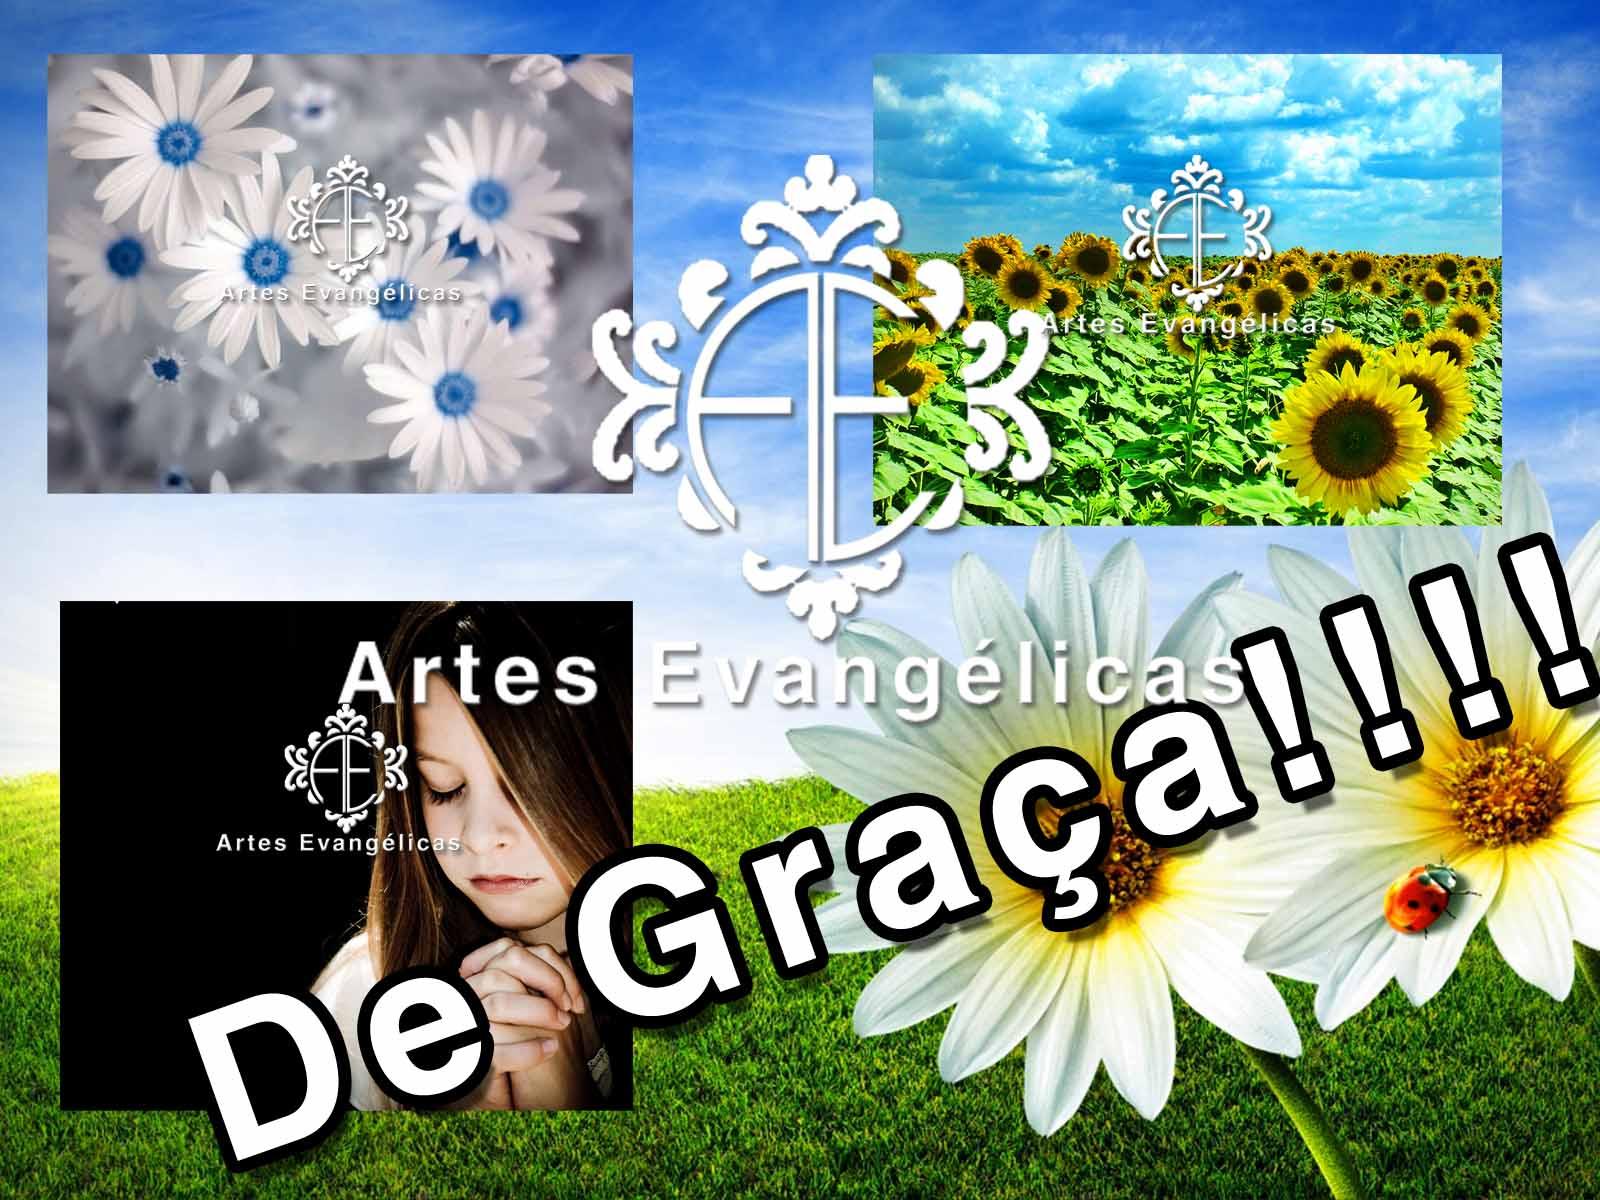 http://1.bp.blogspot.com/_bsTL79VmS8k/TUboENhip_I/AAAAAAAAAGk/LmbgHpJZaCM/s1600/novo+post+Wallpaper+Gabarito.jpg